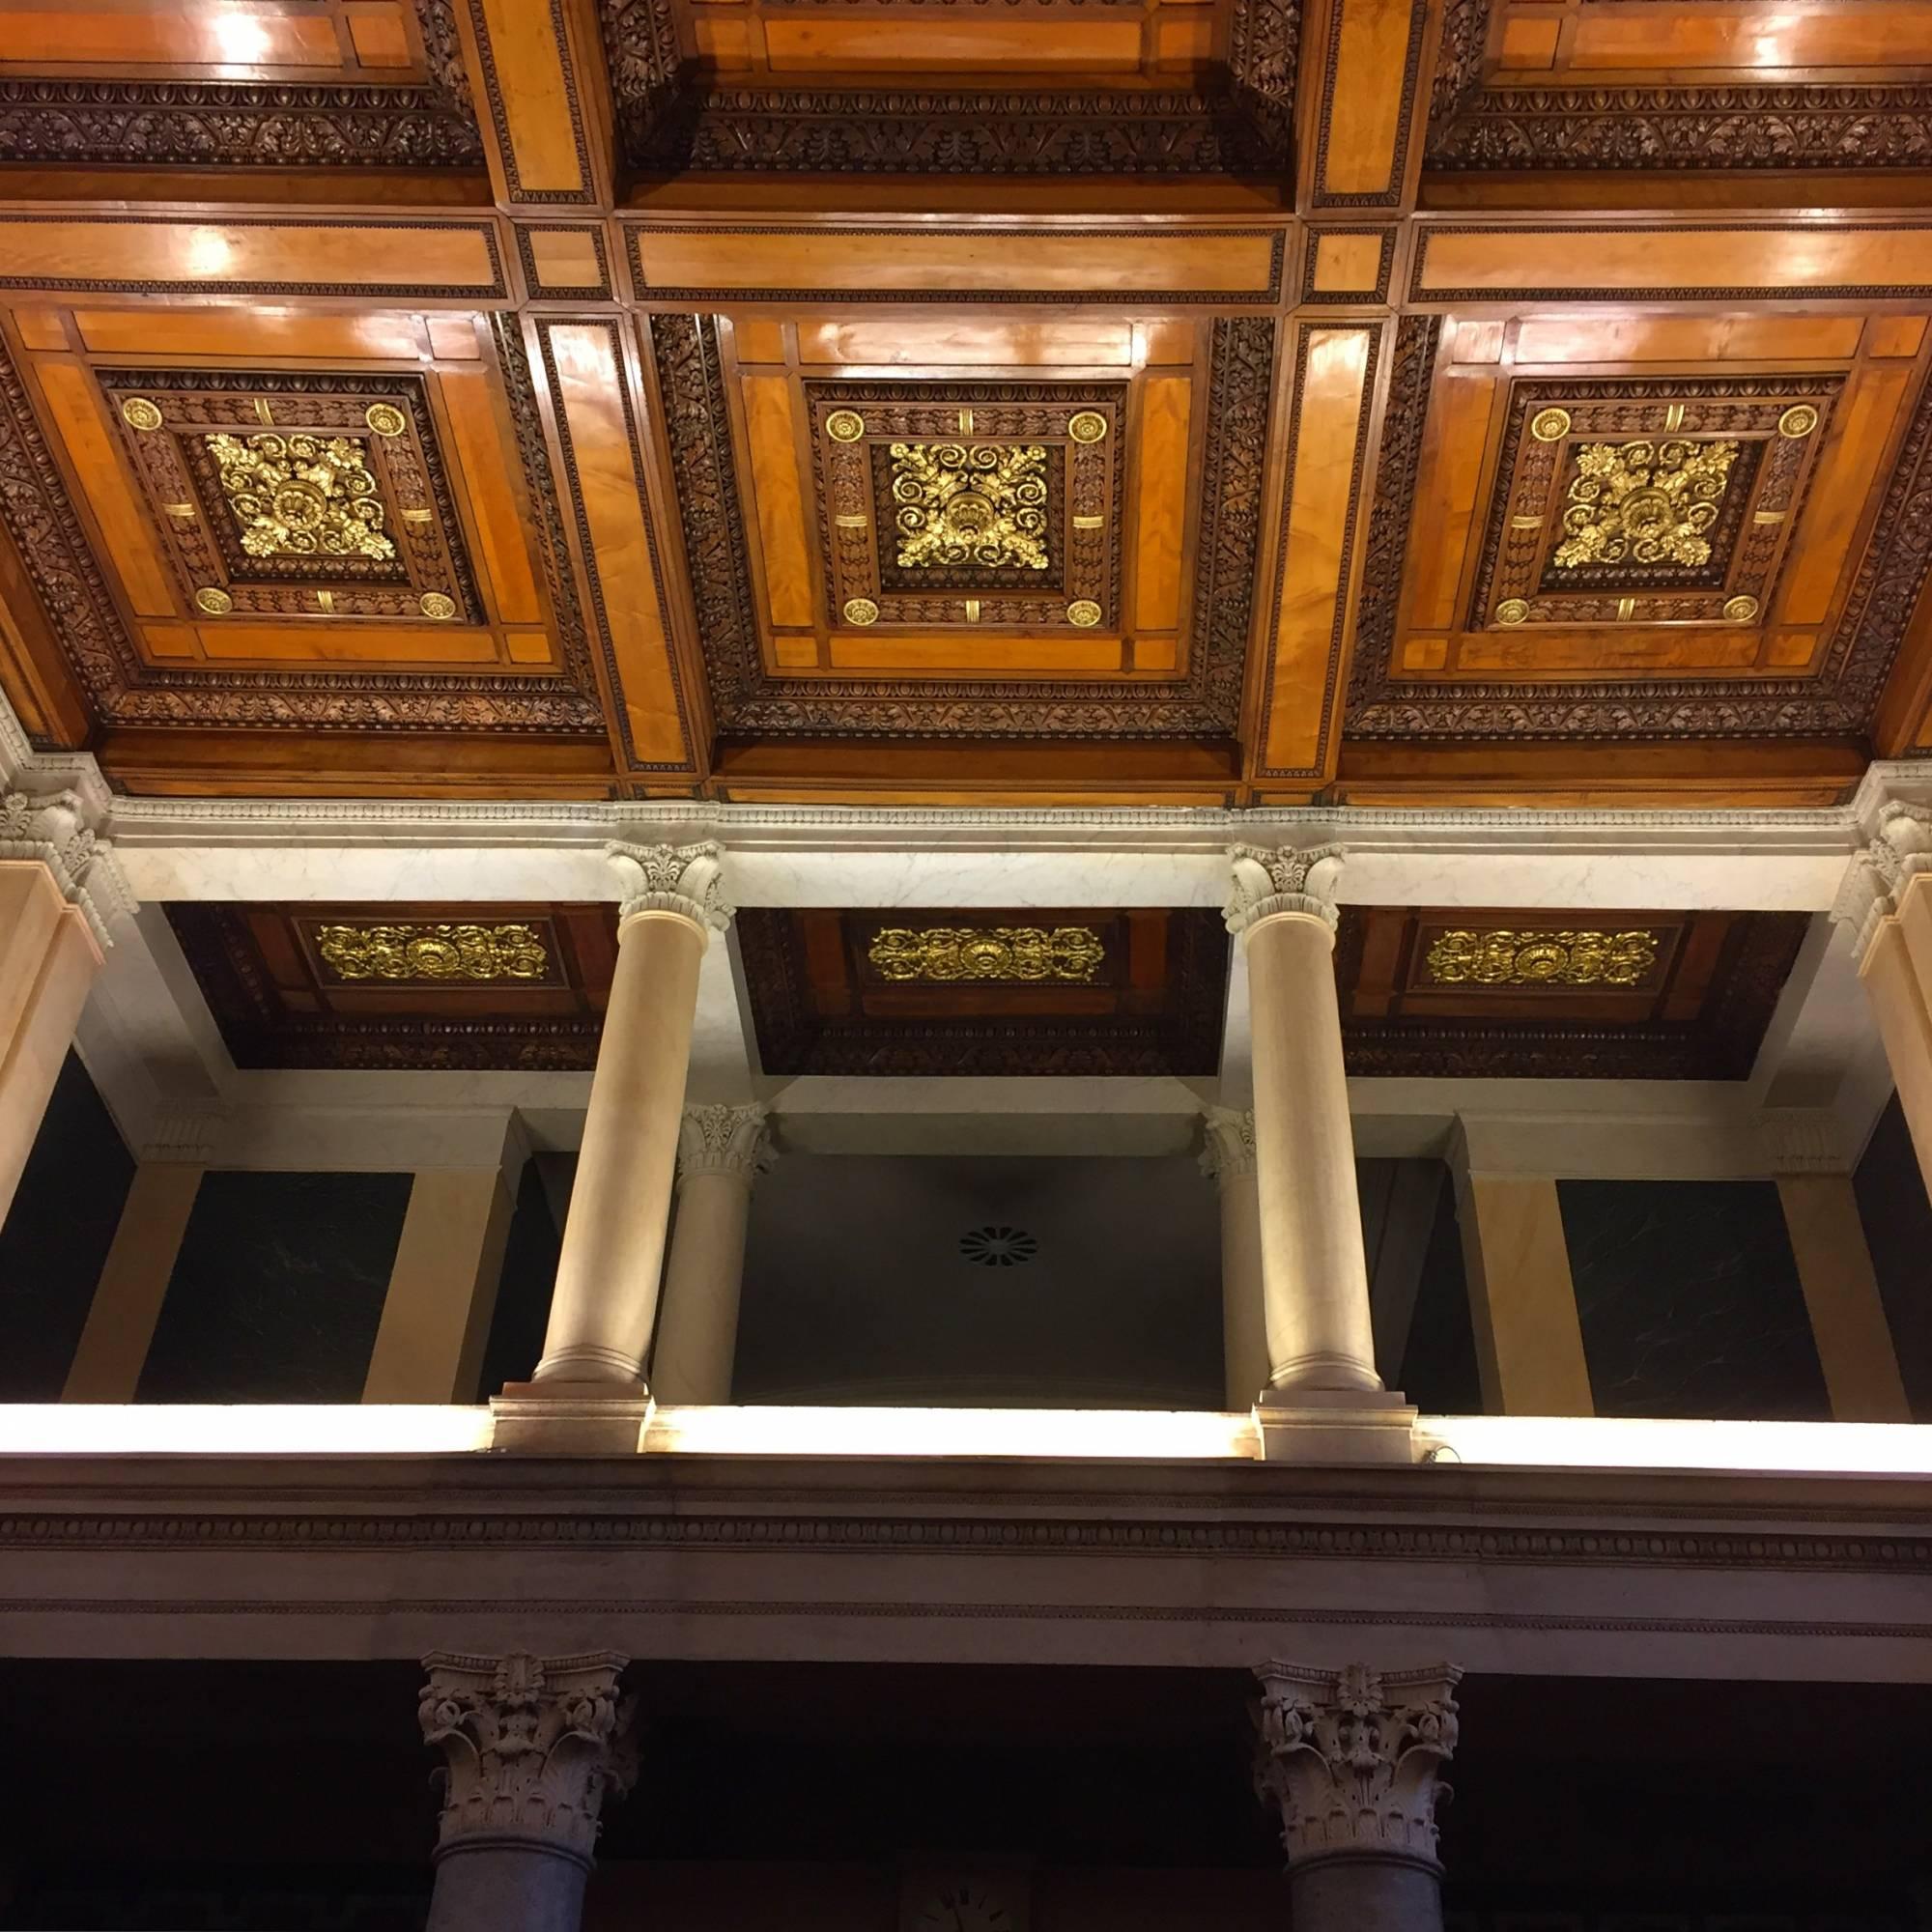 Comment dénoncer une caution bancaire signée dans une banque à Lyon?